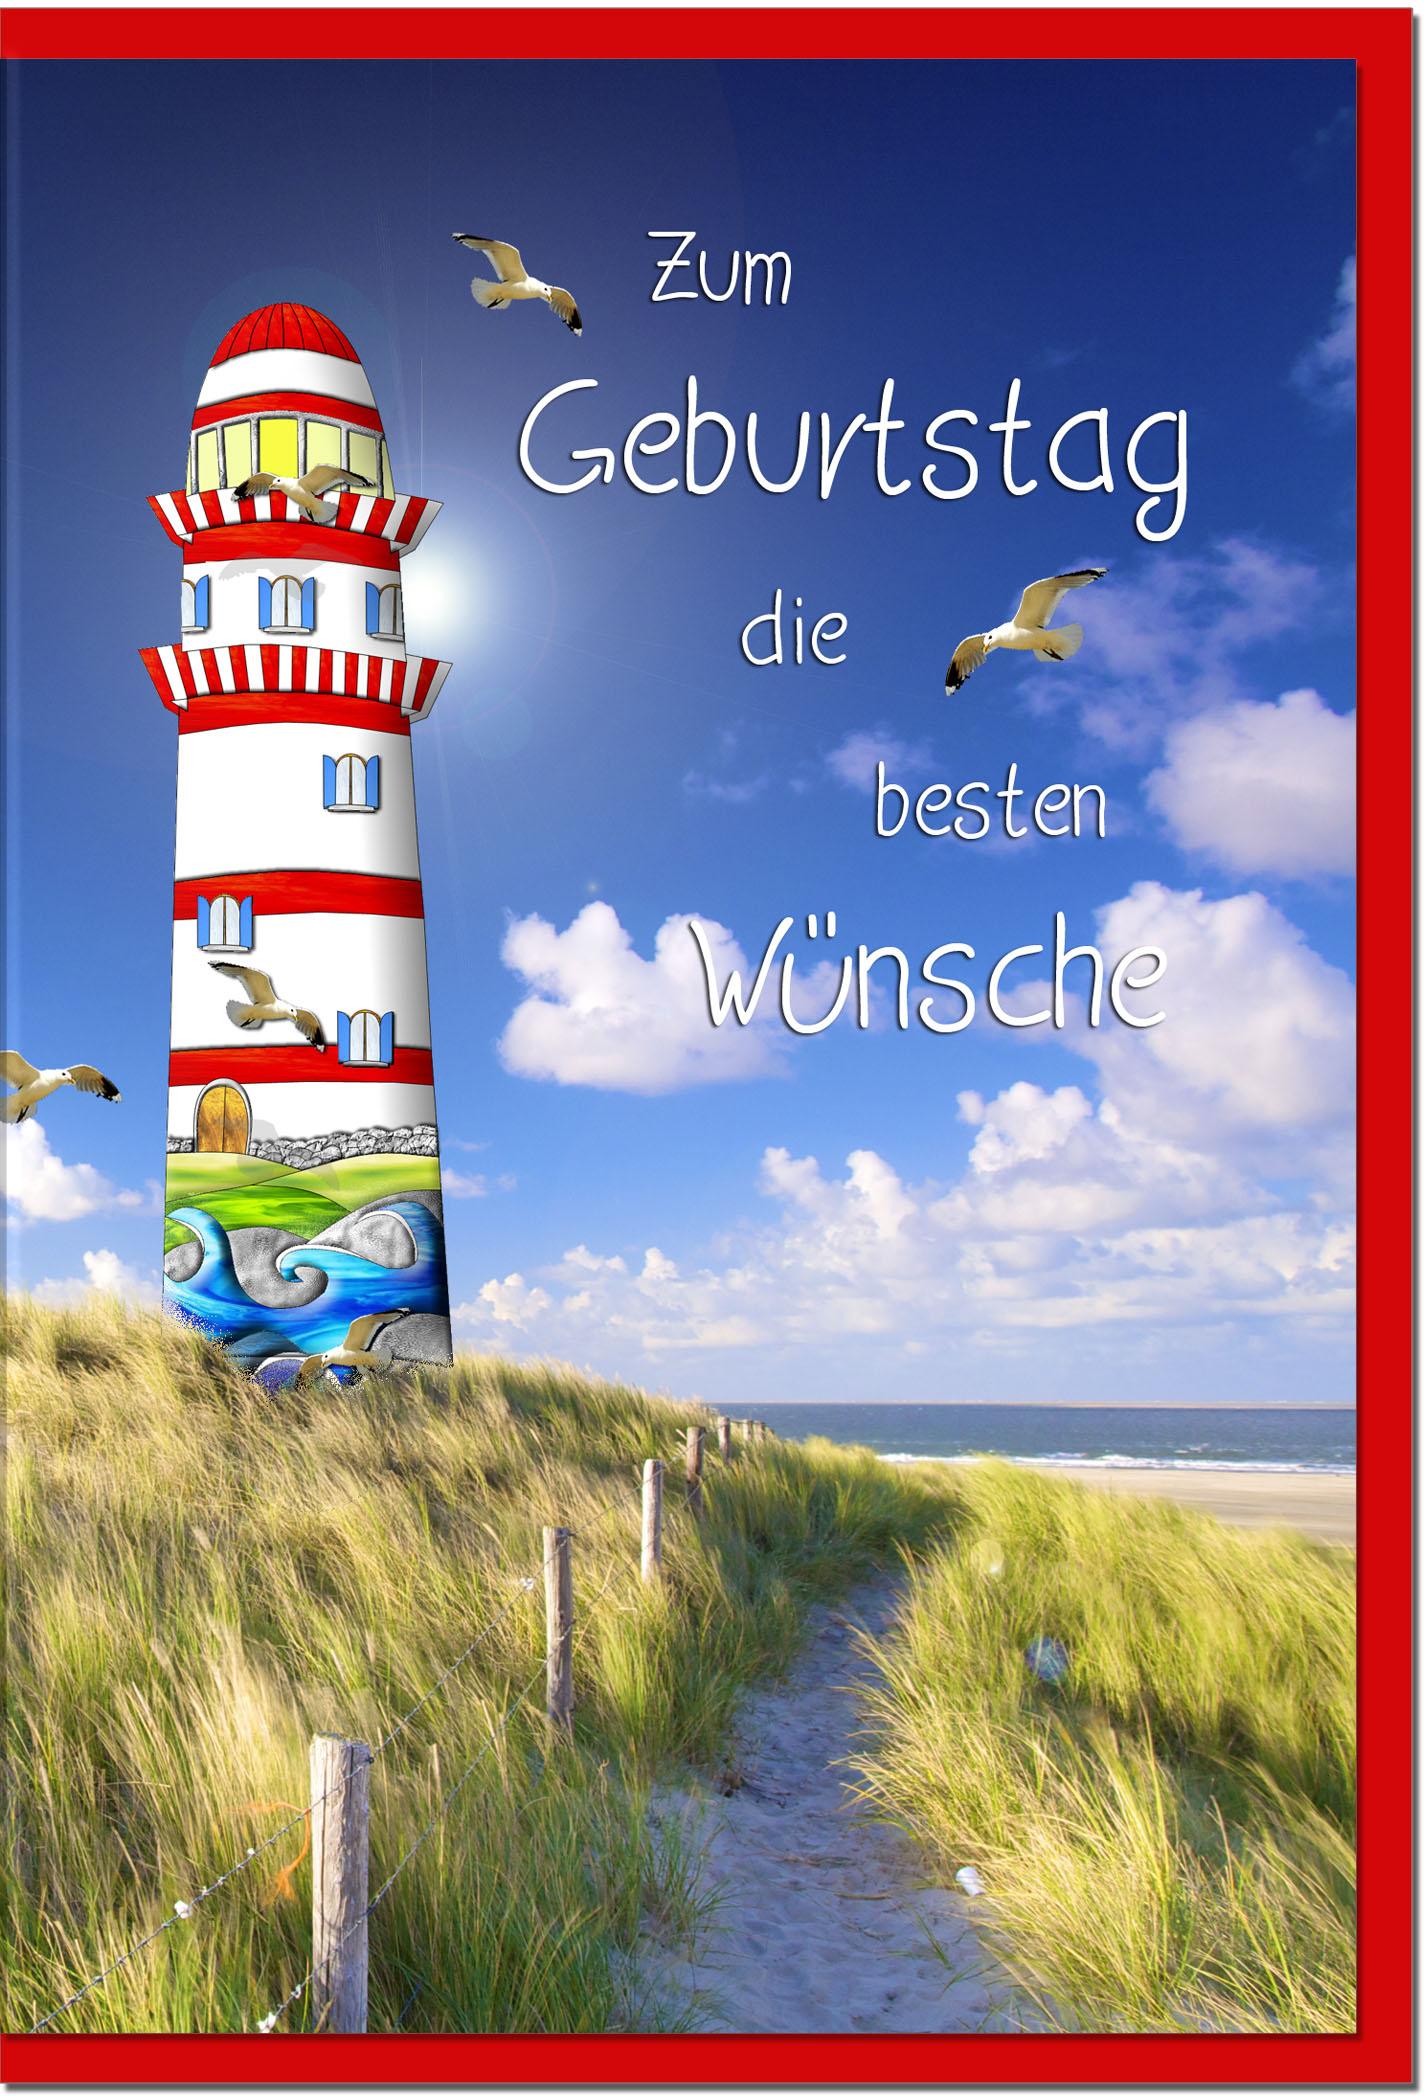 Geburtstagskarten / Grußkarten /Geburtstag Leuchtturm